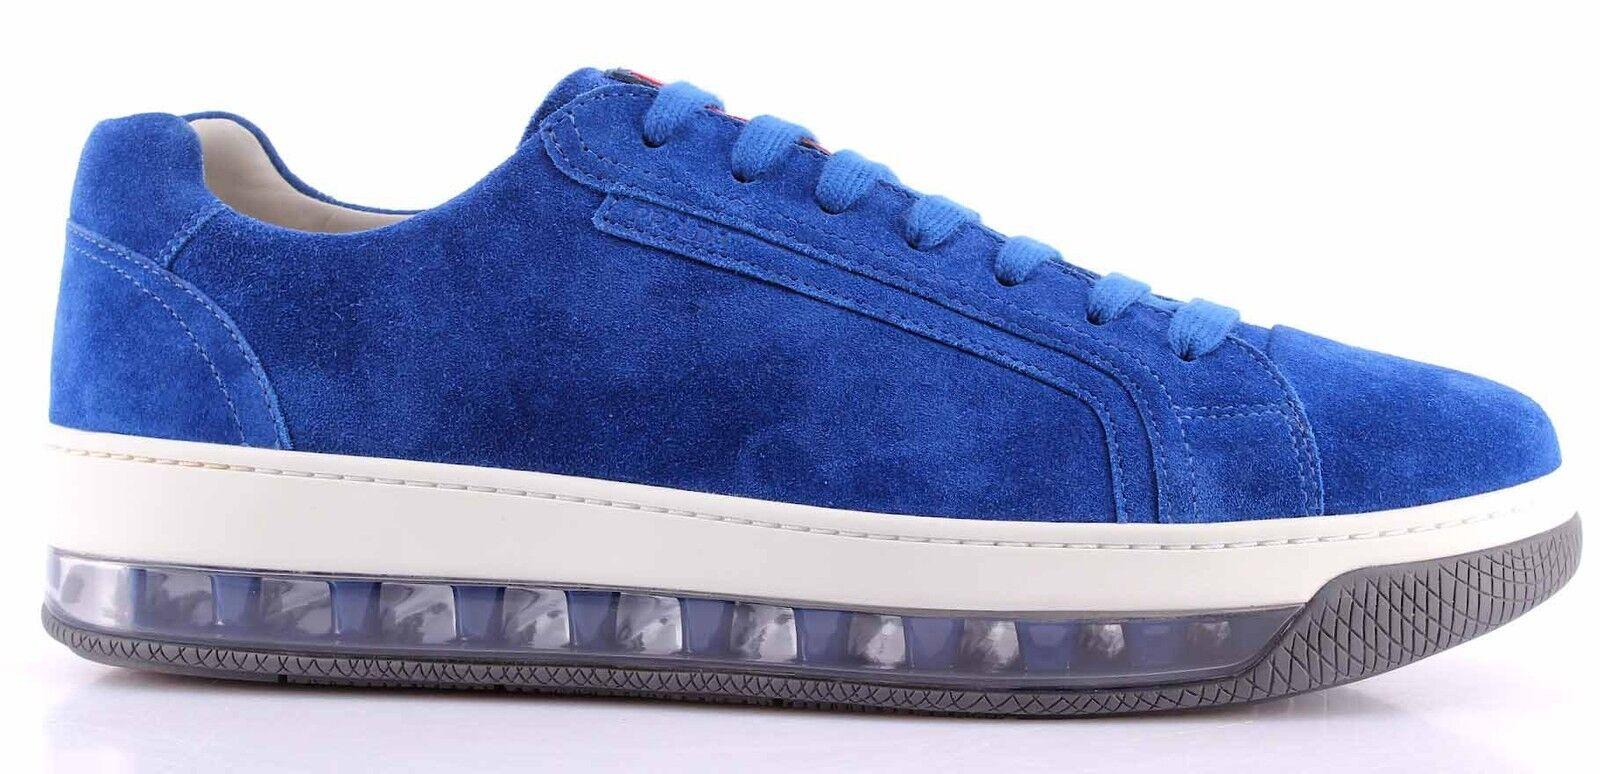 Herren Turnschuhe Schuhe PRADA 4E2701 Scamosciato Cobalto Wildleder Blau Air Sohle